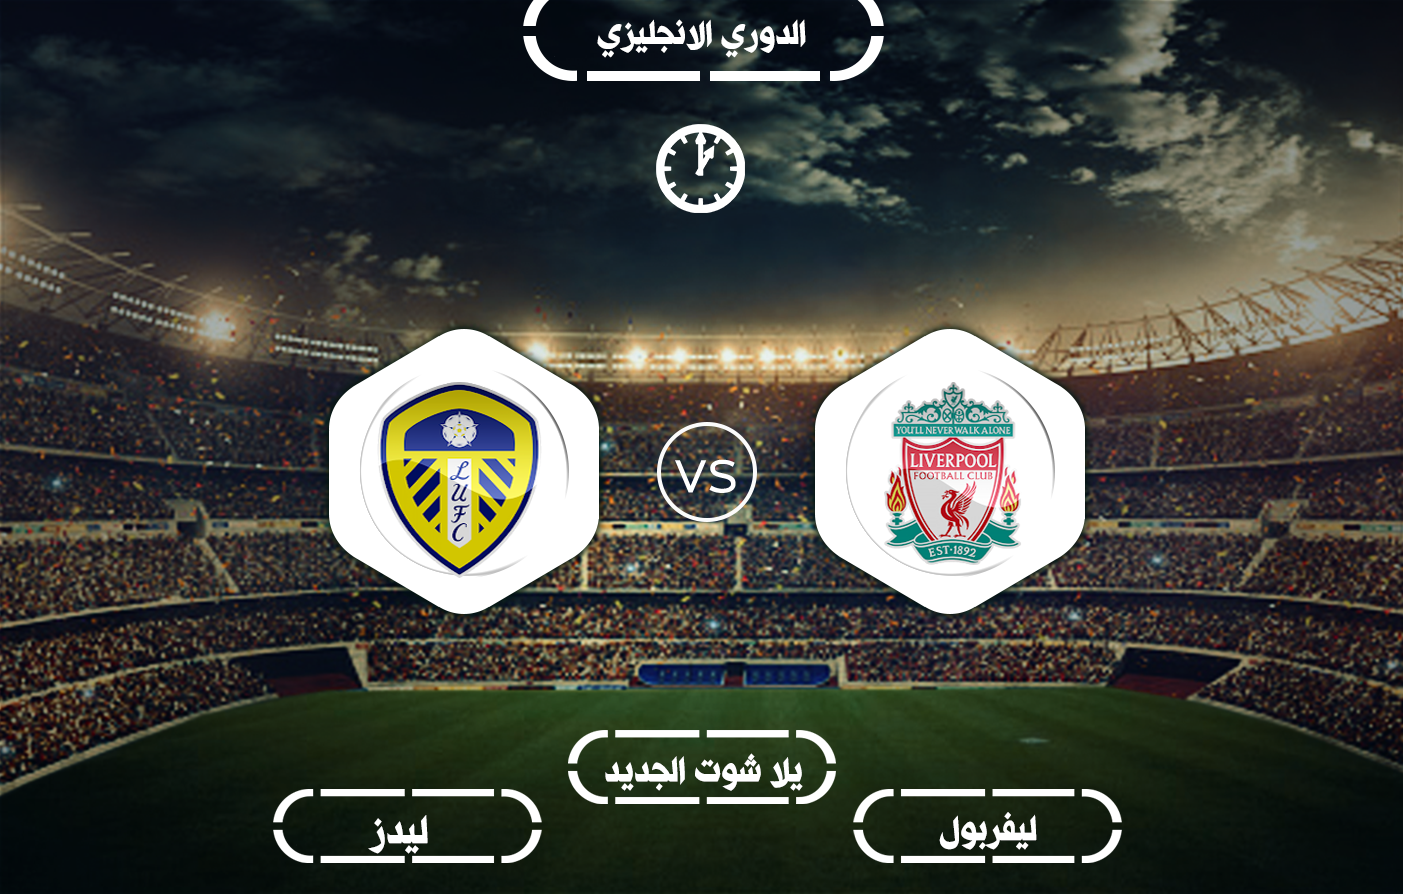 مشاهدة مباراة ليفربول وليدز يونايتد بث مباشر اليوم 12-09-2020 الدوري الانجليزي